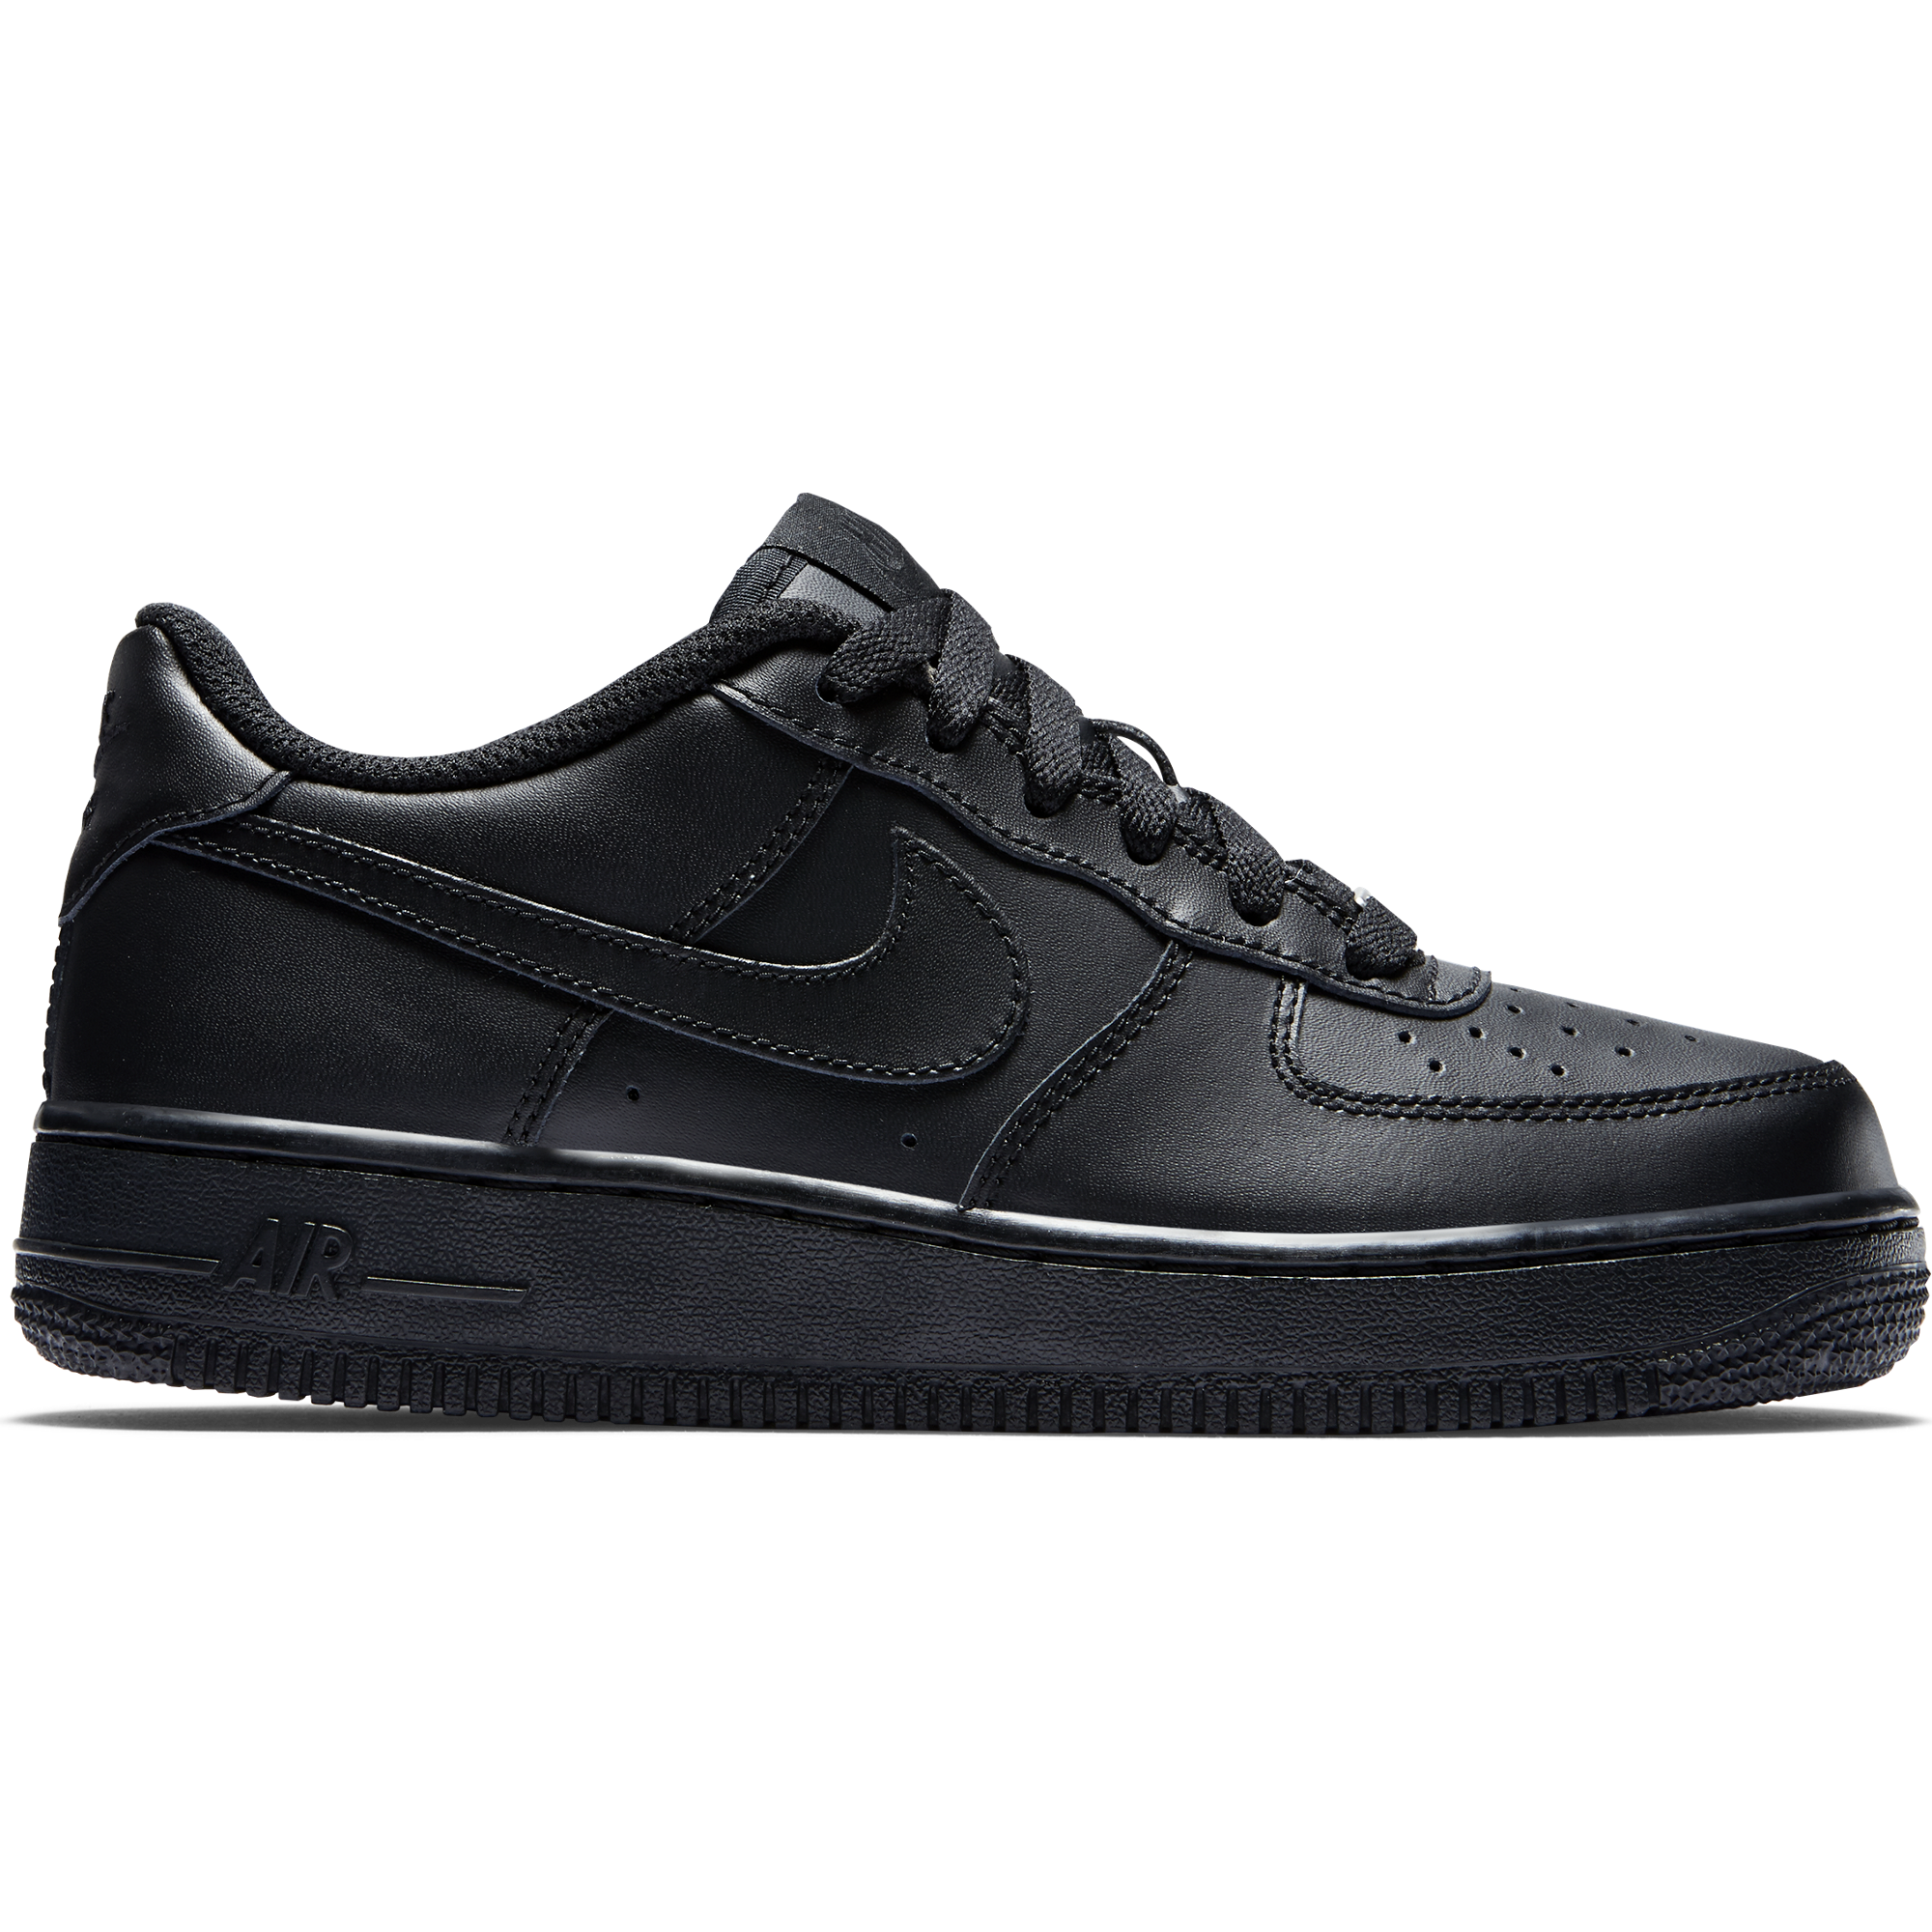 Nike Air Force 1 Low @ Footlocker